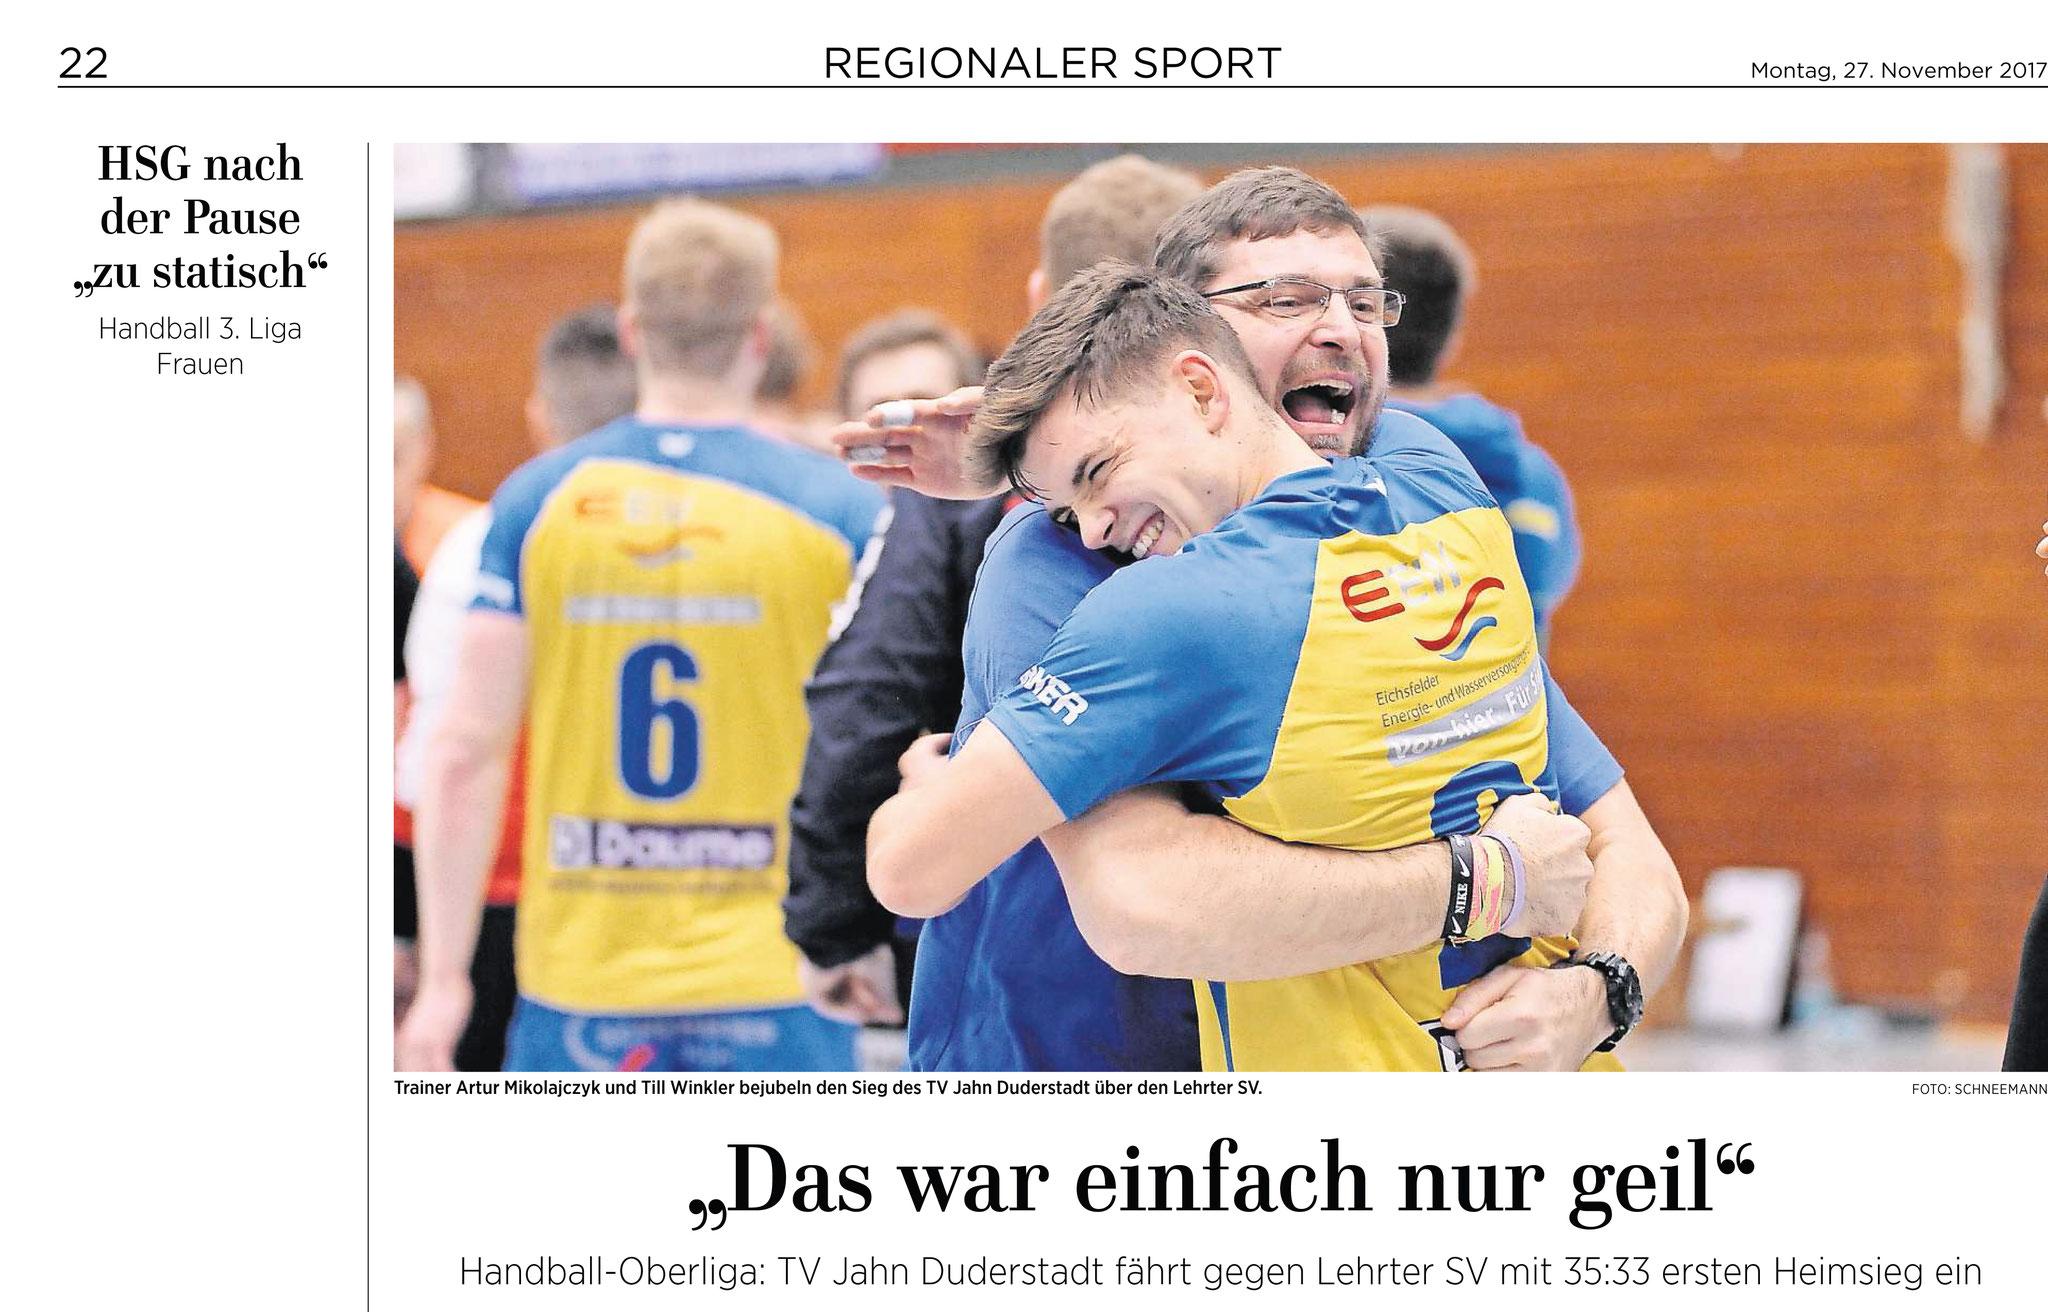 erster Heimsieg für den TV Jahn Duderstadt